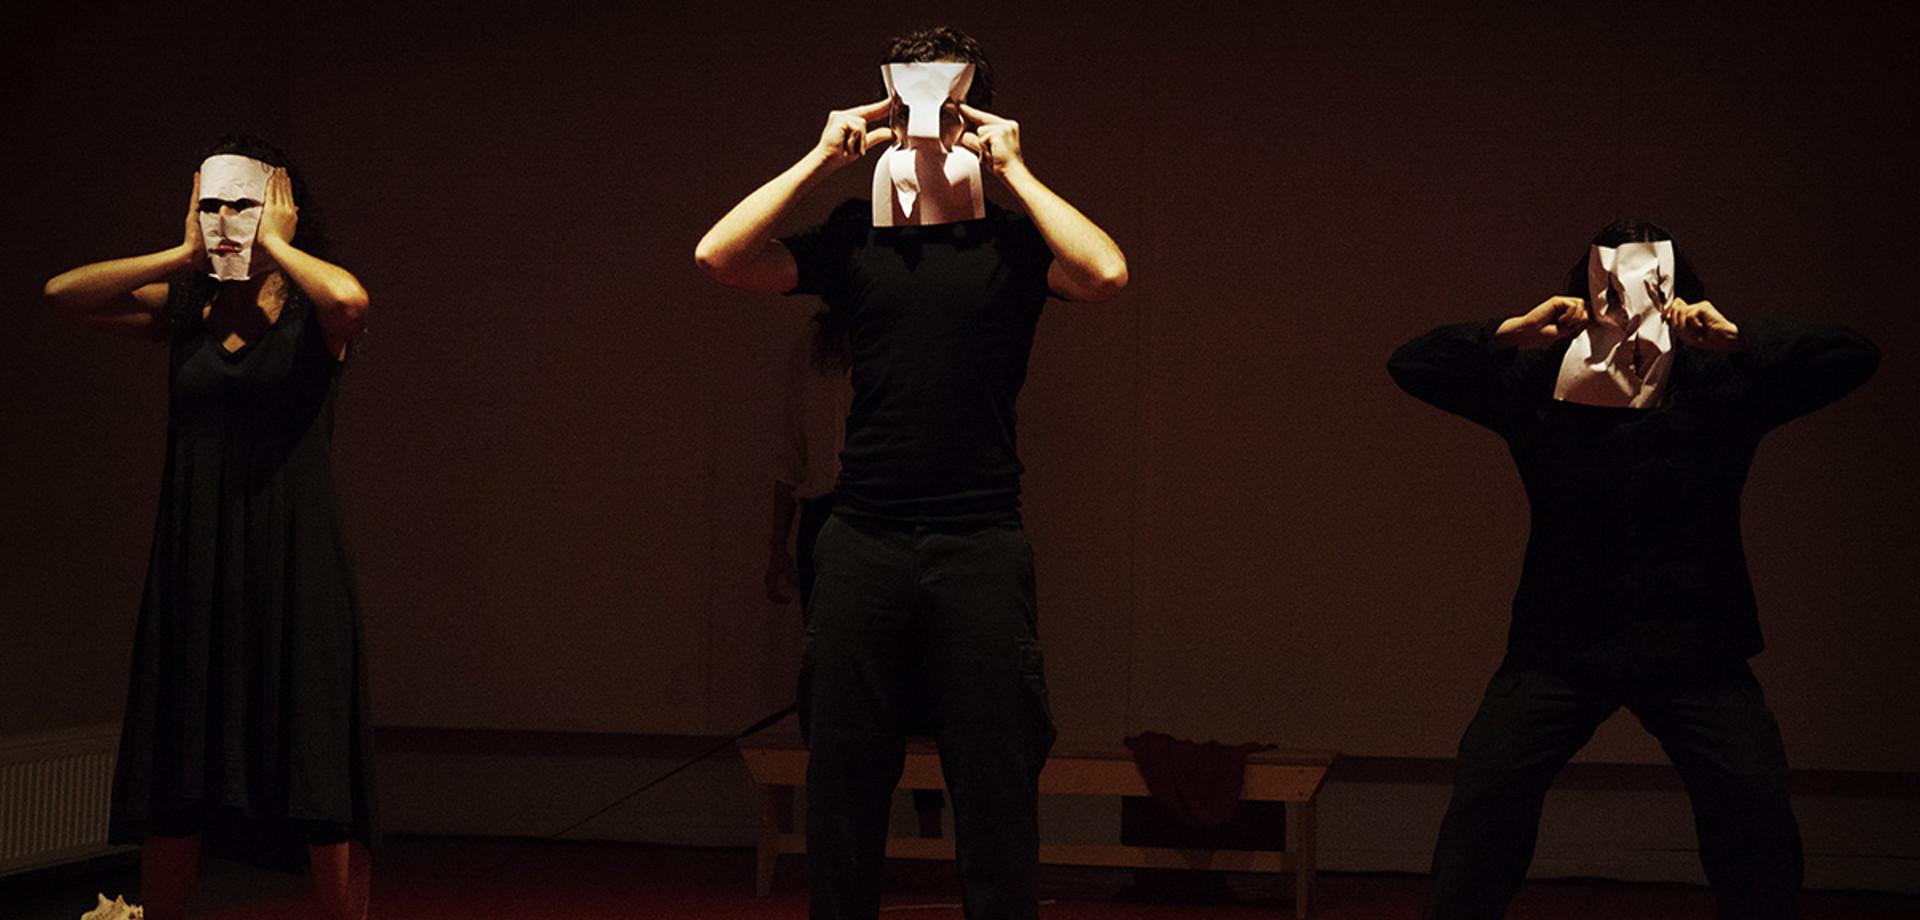 «Η Αποστολή: Ανάμνηση από μιαν Επανάσταση» στο Θέατρο Άττις